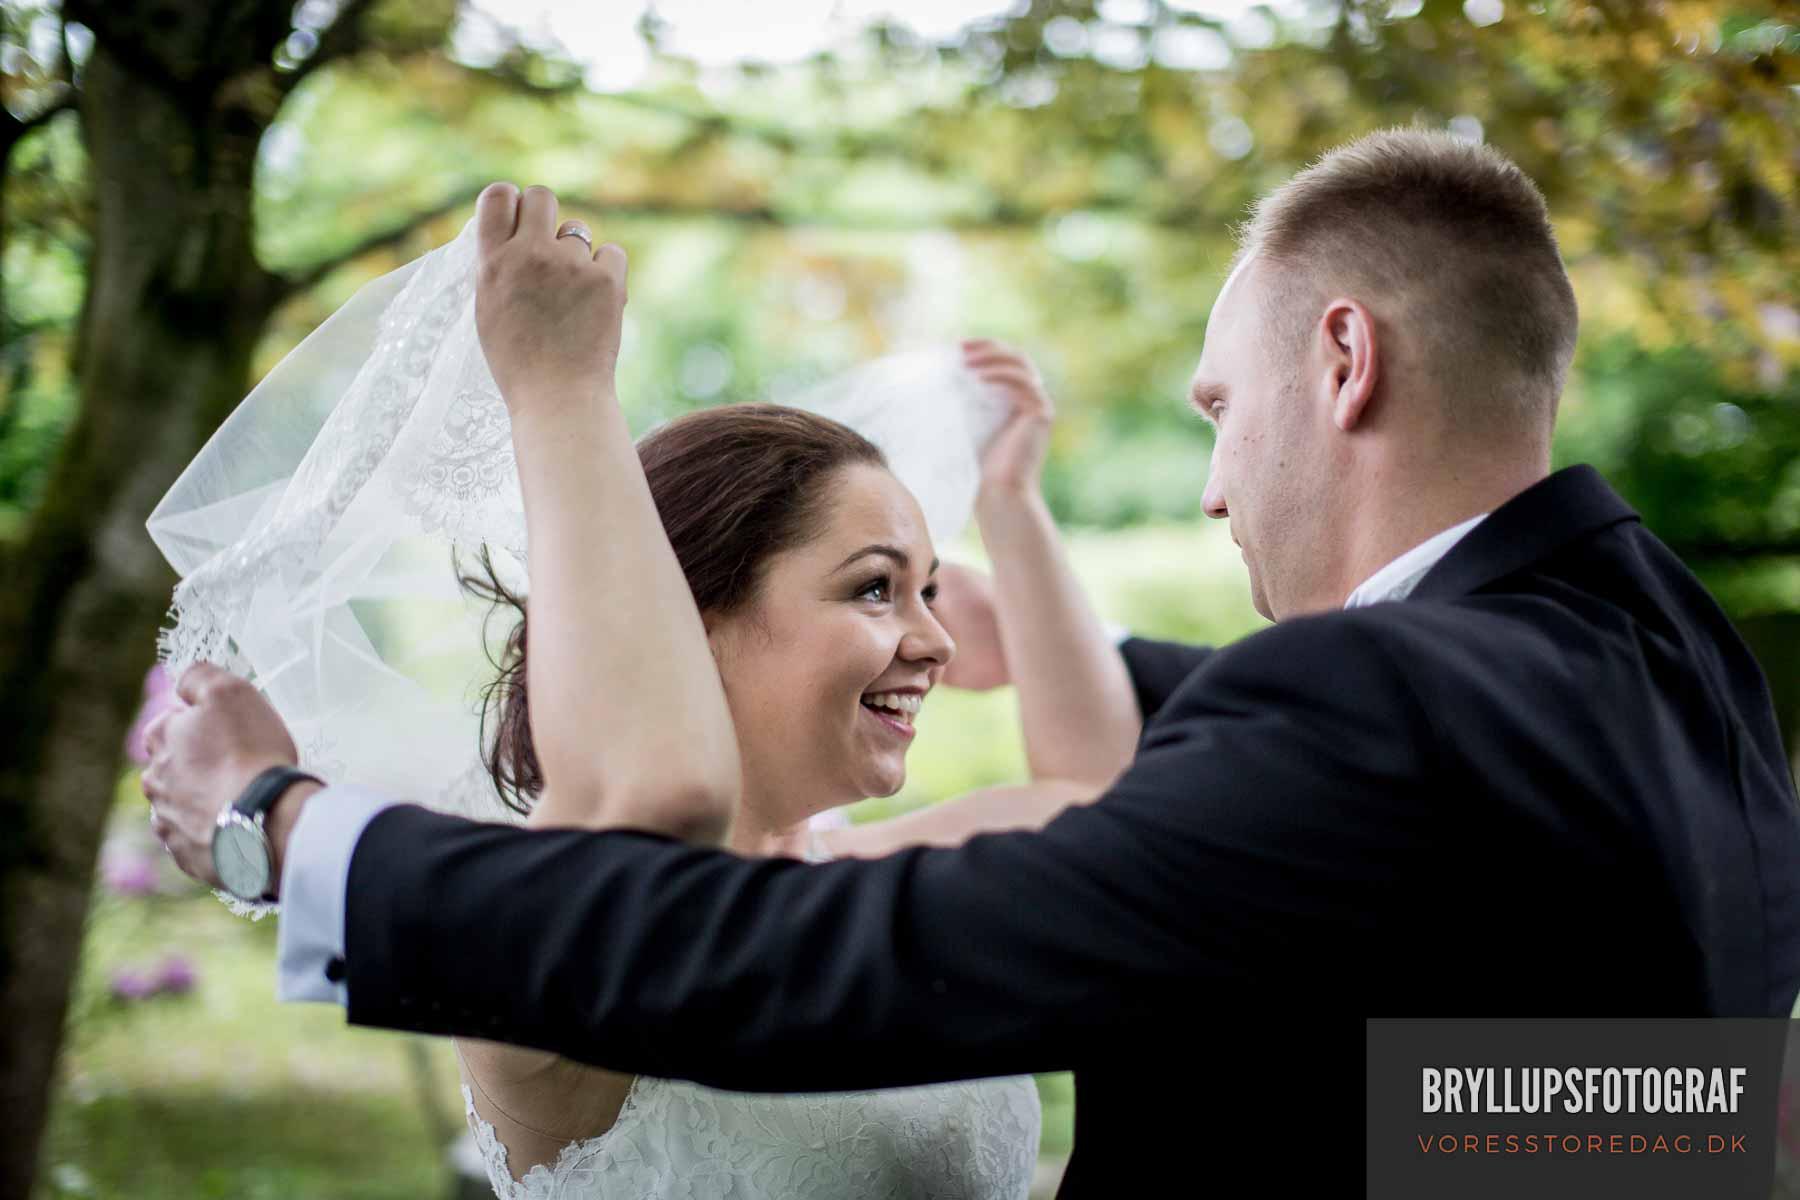 Leder du efter en bryllupsfotograf? Brug denne guide til at finde en bryllupsfotograf